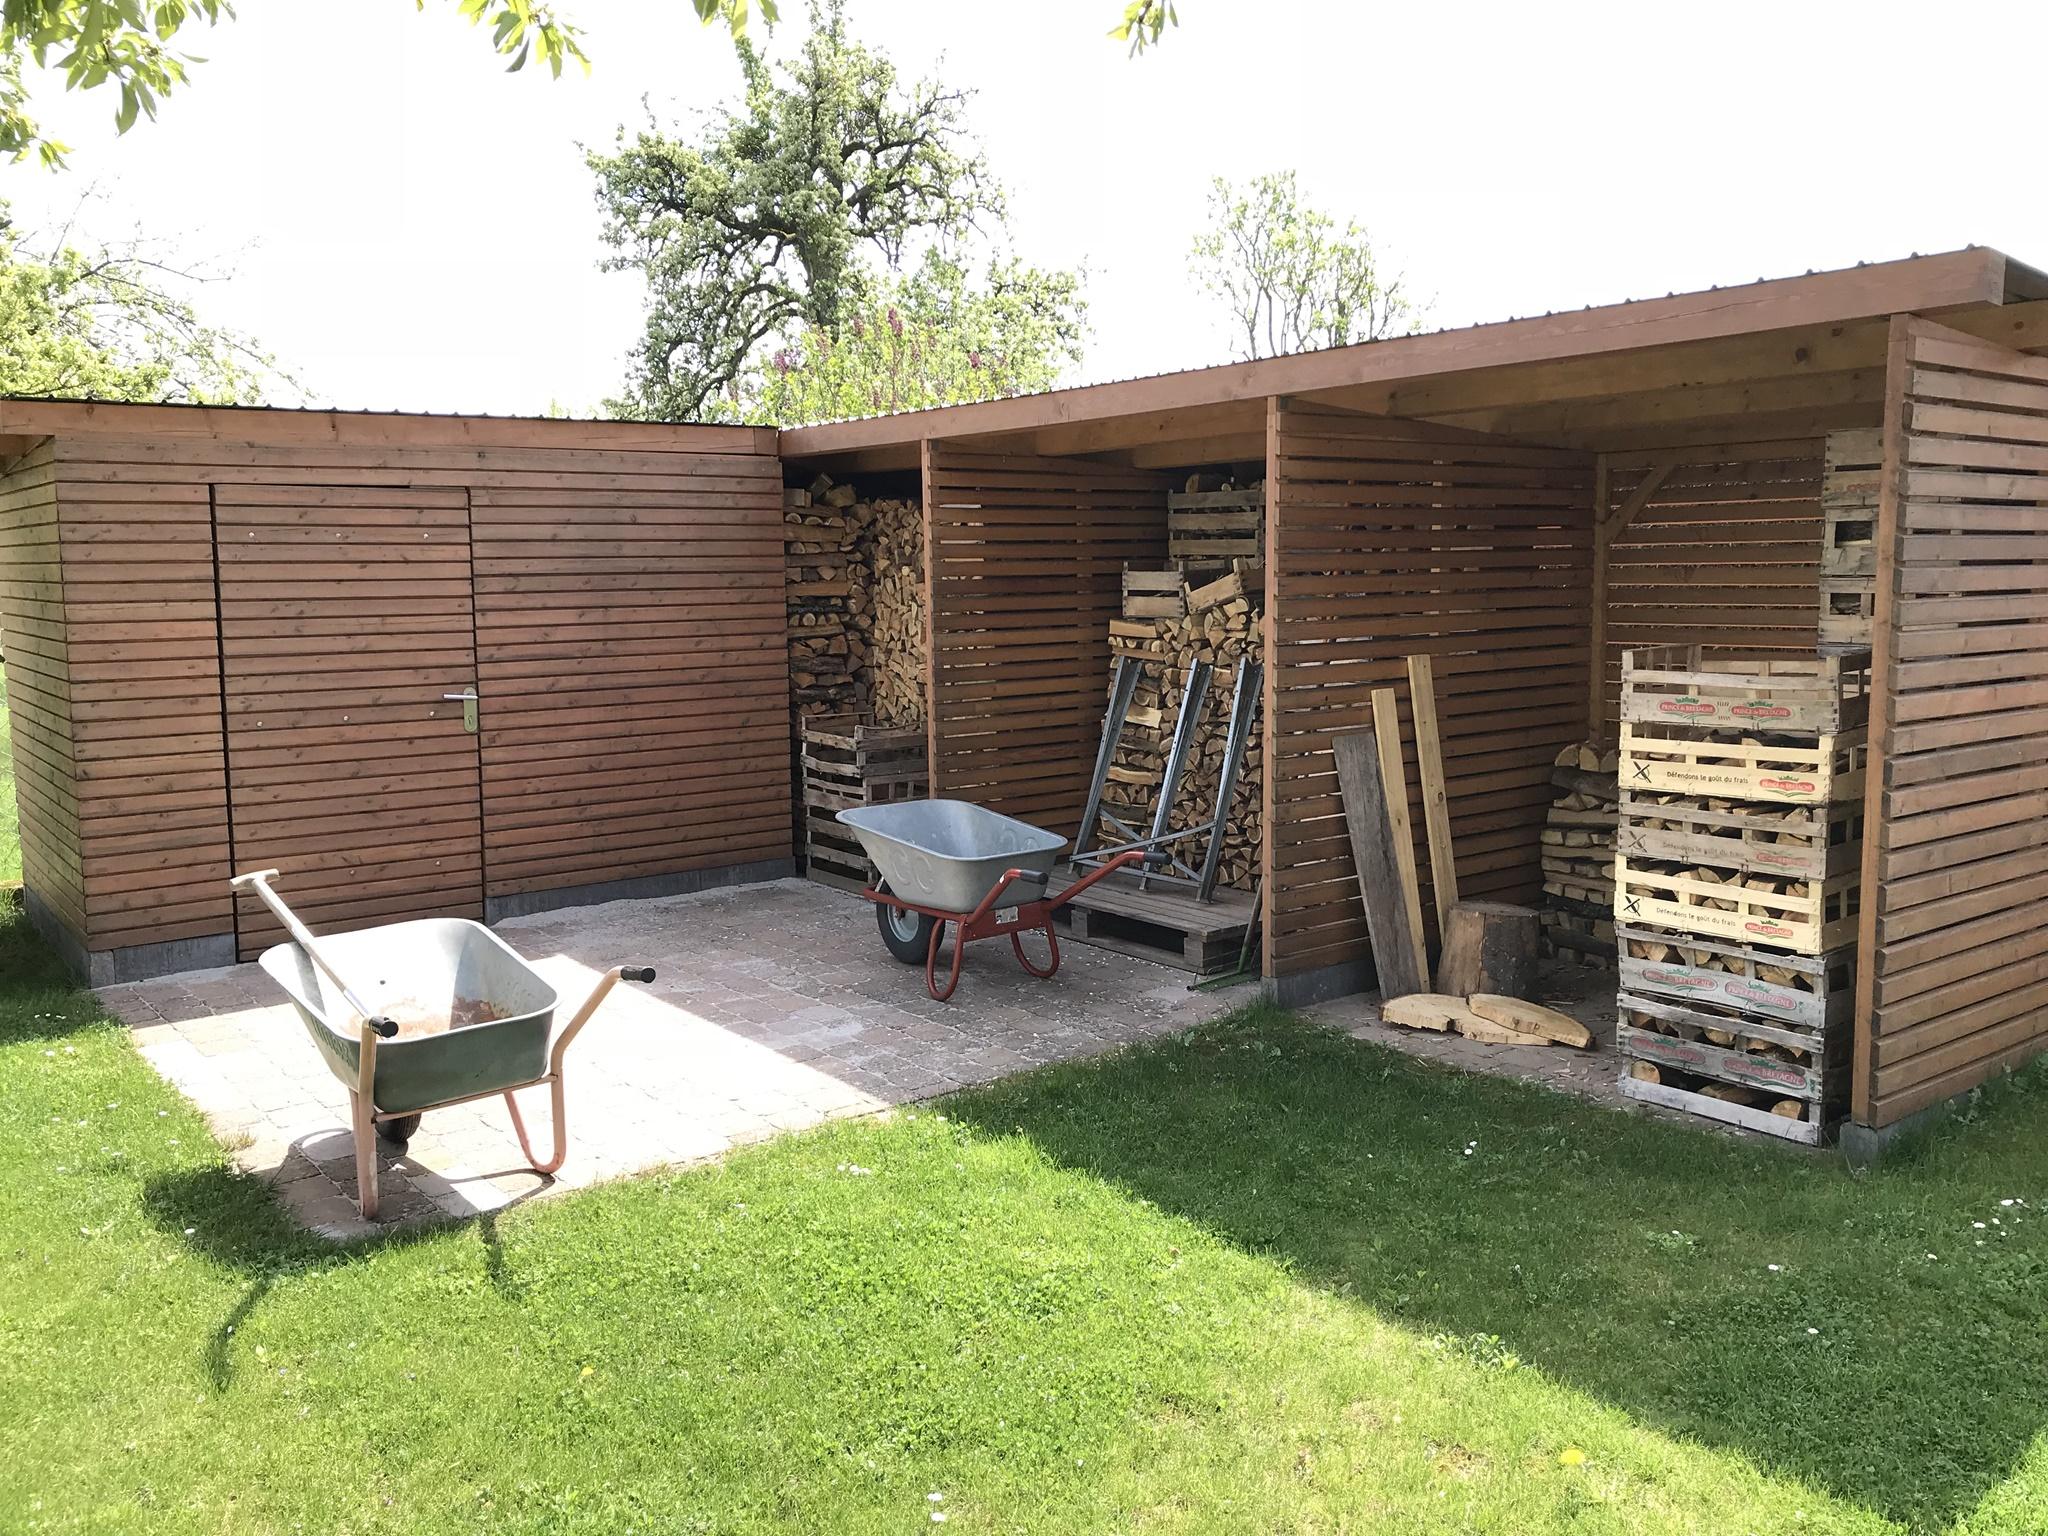 Exquisit Poolhaus Bauen Sammlung Von Mit Großem Holzlager